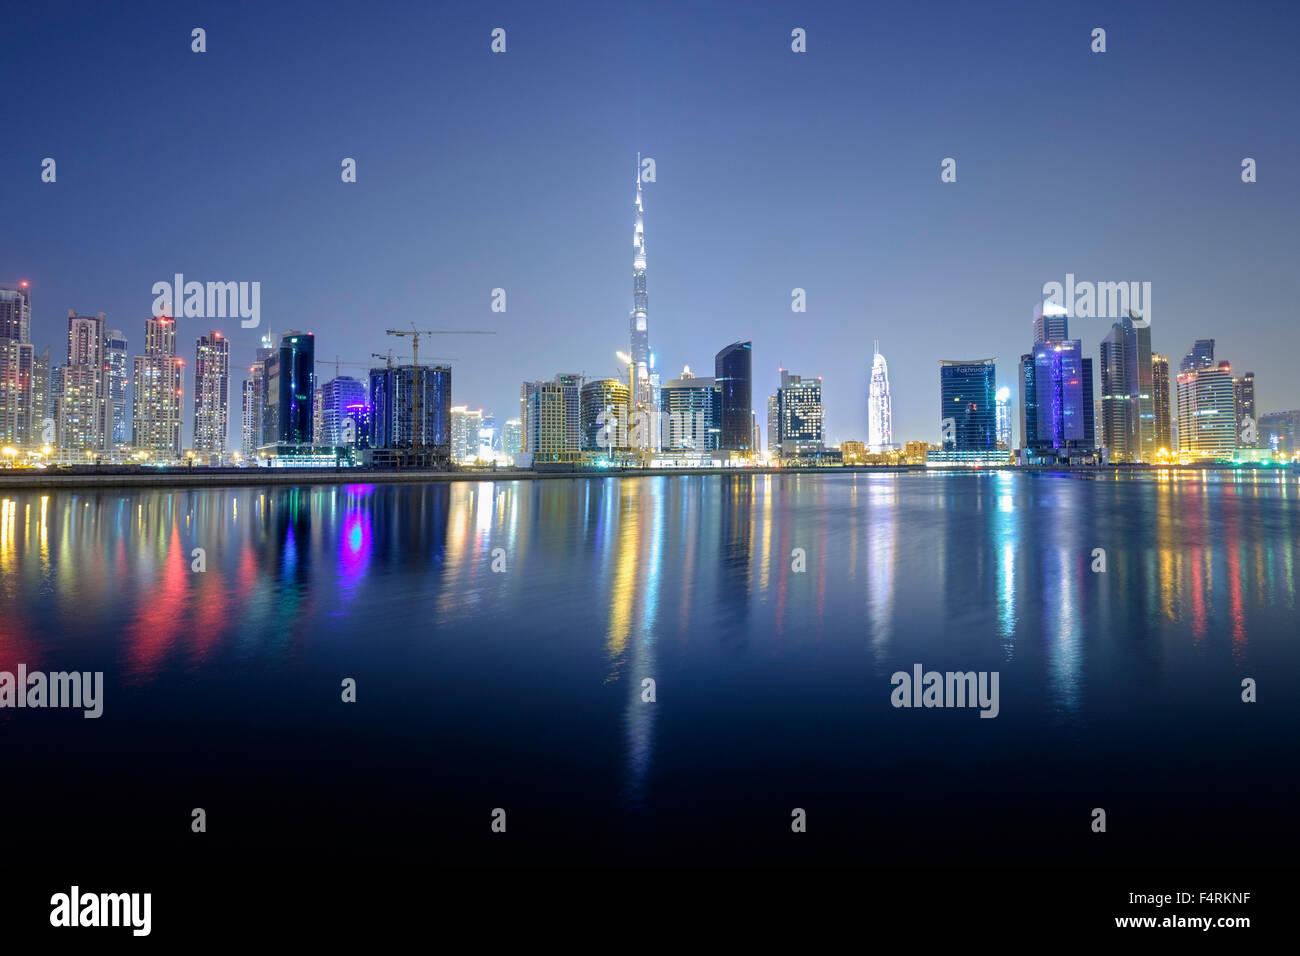 Vista nocturna de Burj Khalifa y Creek en nuevos negocios distrito bahía de Dubai, Emiratos Árabes Unidos Foto de stock